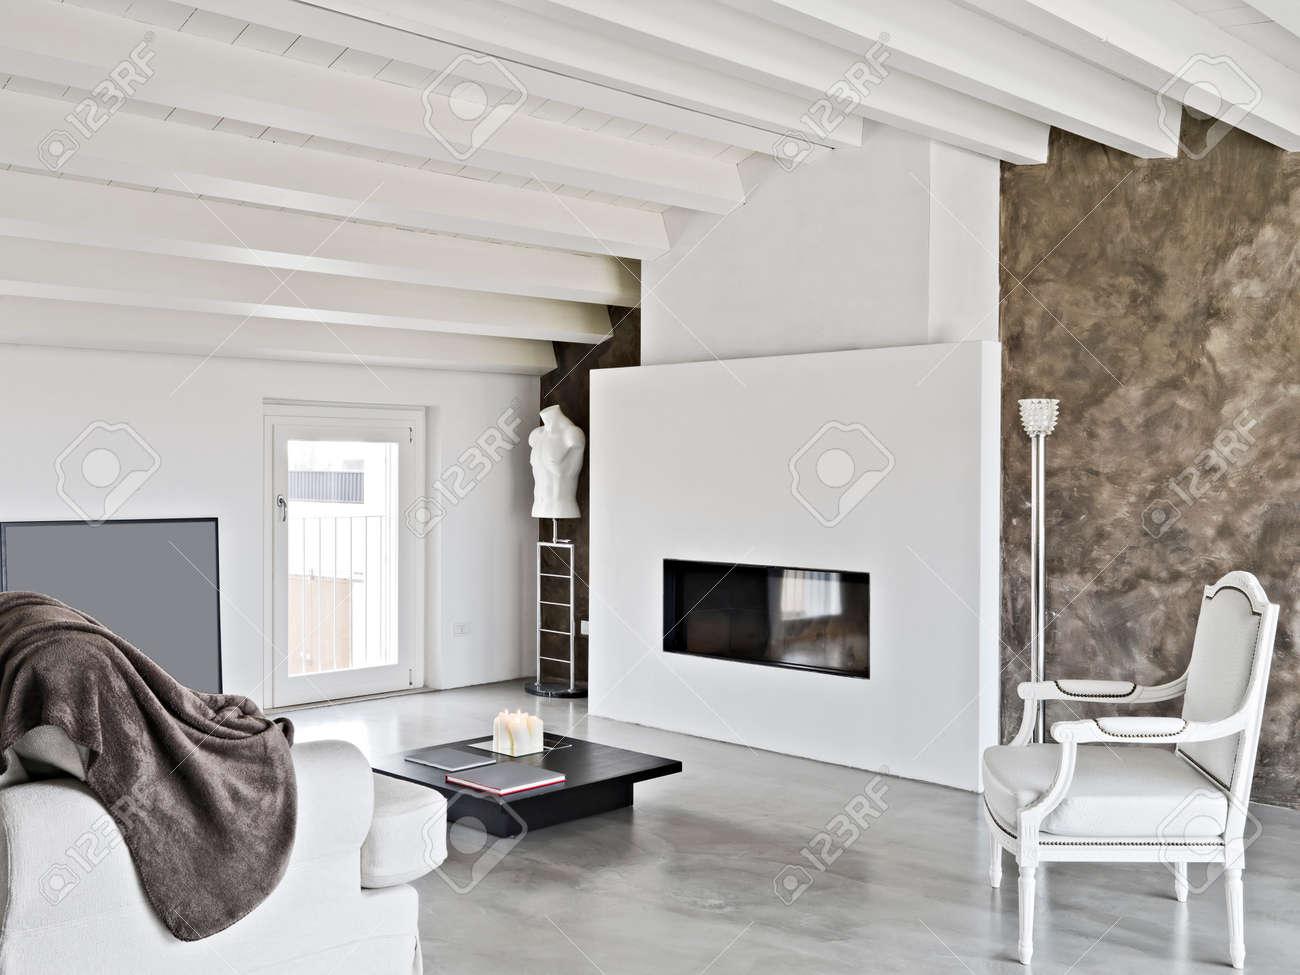 moderno salotto con camino e divano in soffitta foto royalty free ... - Salone Moderno Con Camino 2